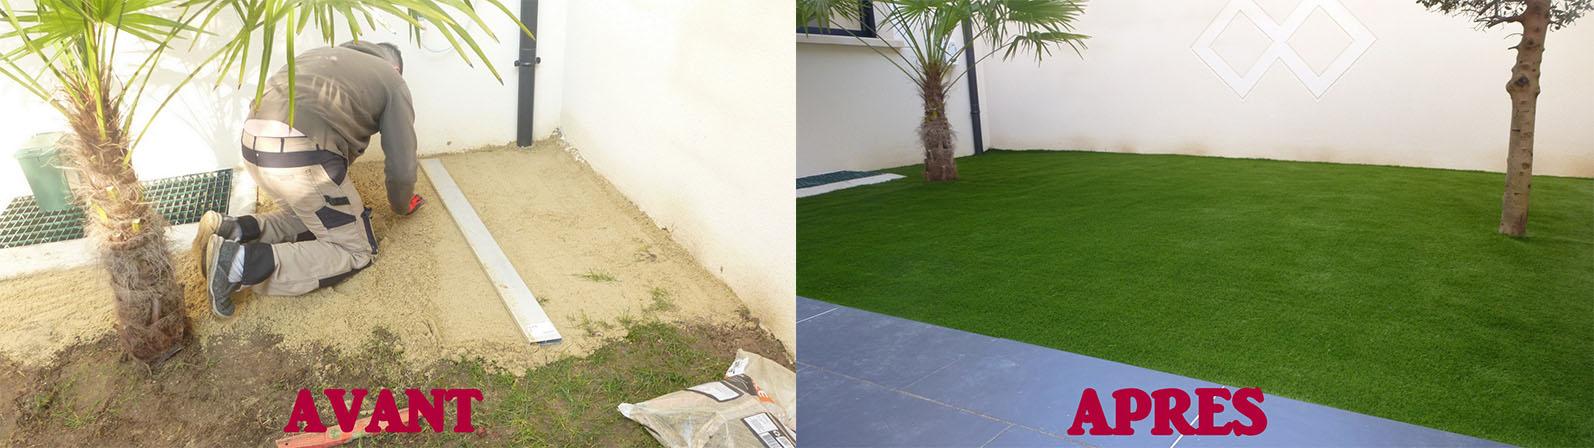 Exemple de réalisation - jardin intérieur